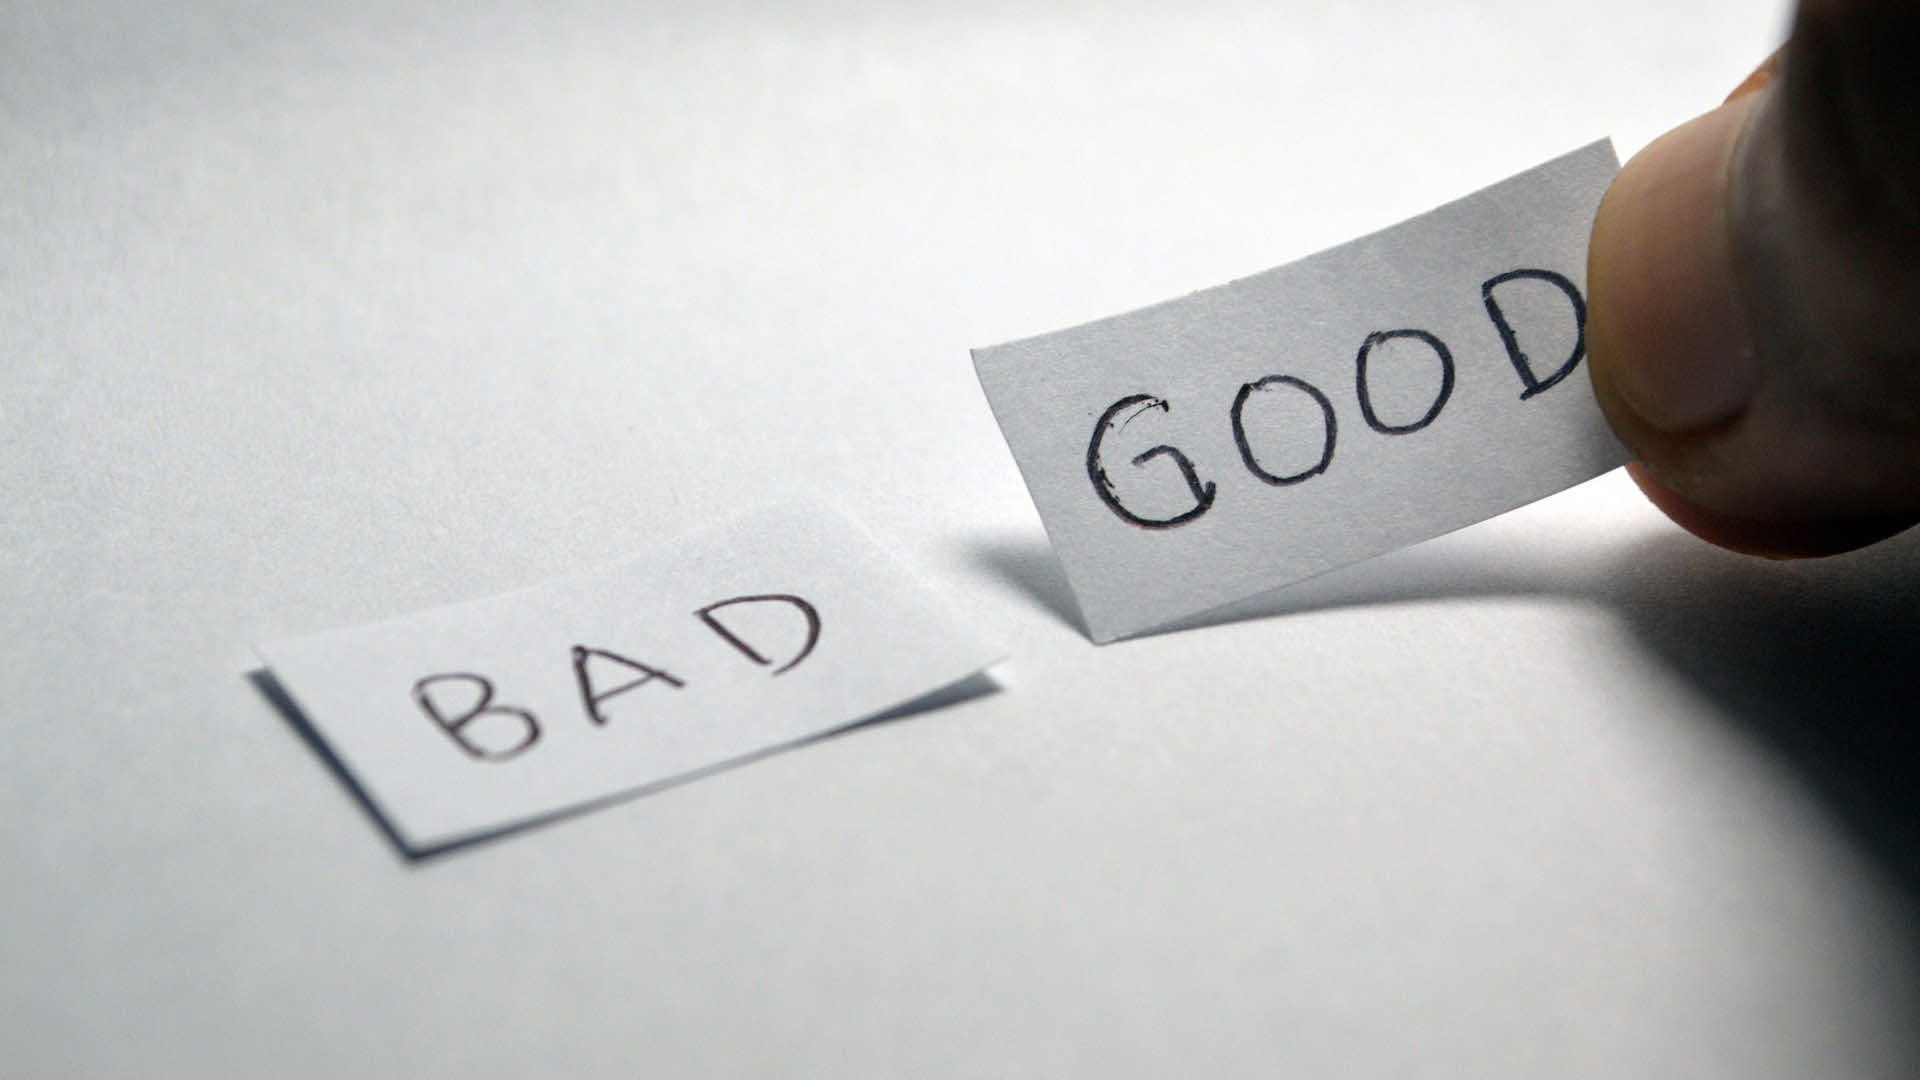 Changer les mots en mode pile ou face